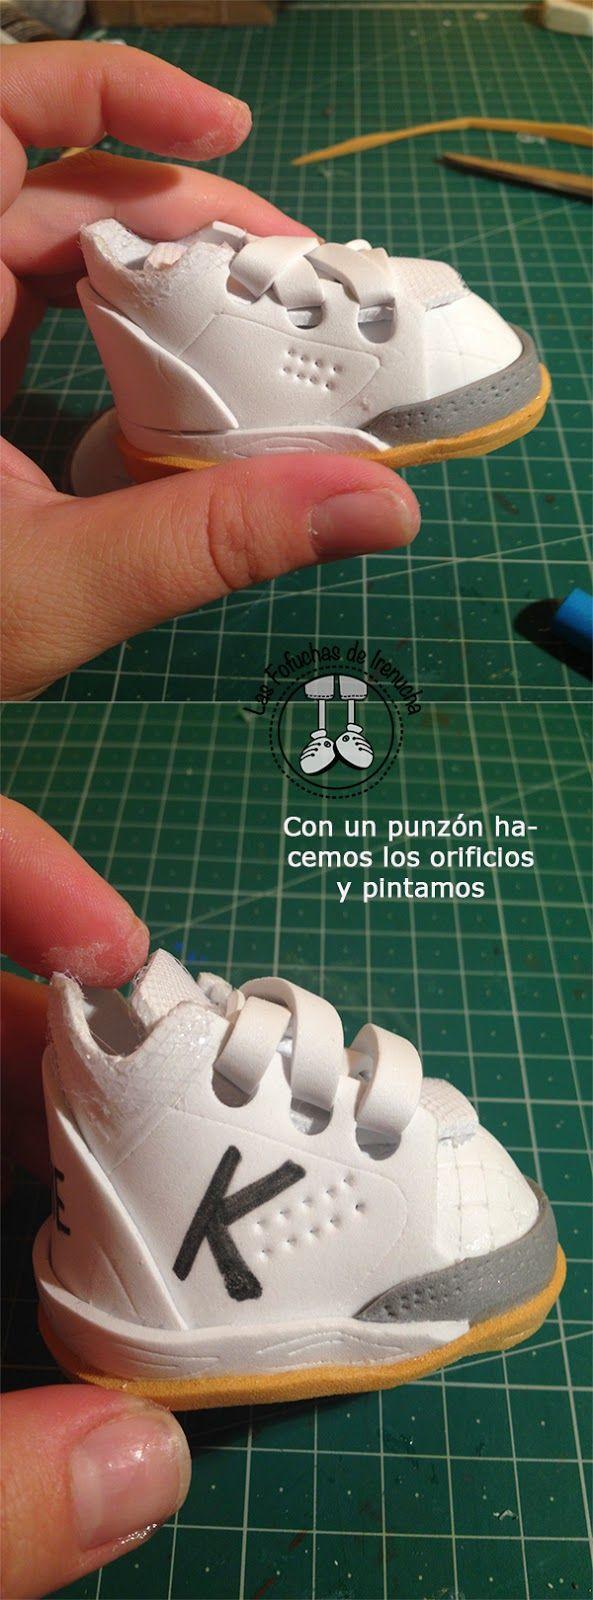 Fofuchas hechas a mano y personalizadas. Manualidades realizadas con goma eva.